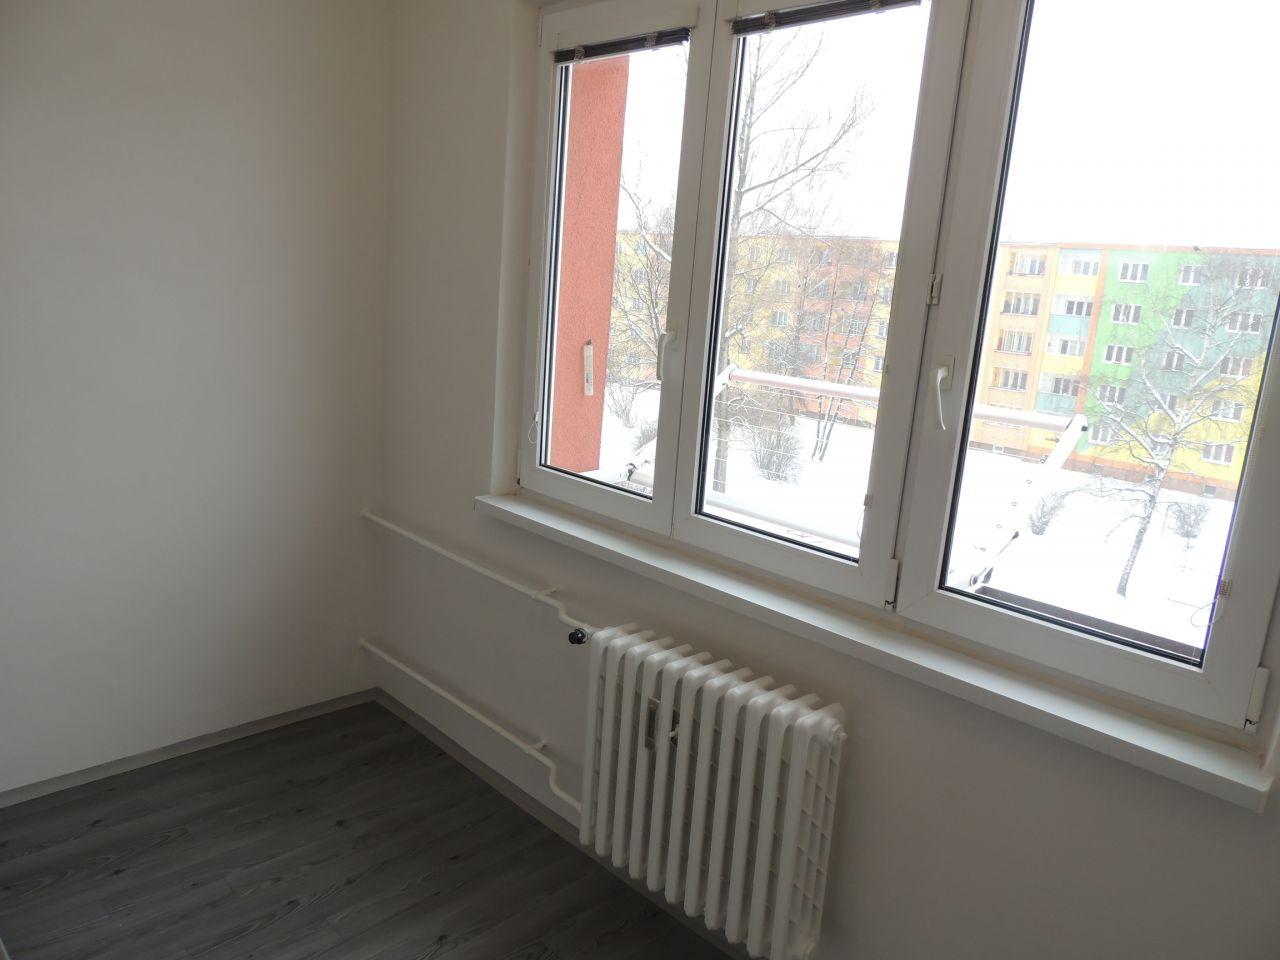 Pronájem bytu 2+1 54 m2, ul. Plavecká 873/2, Ostrava - Hrabůvka